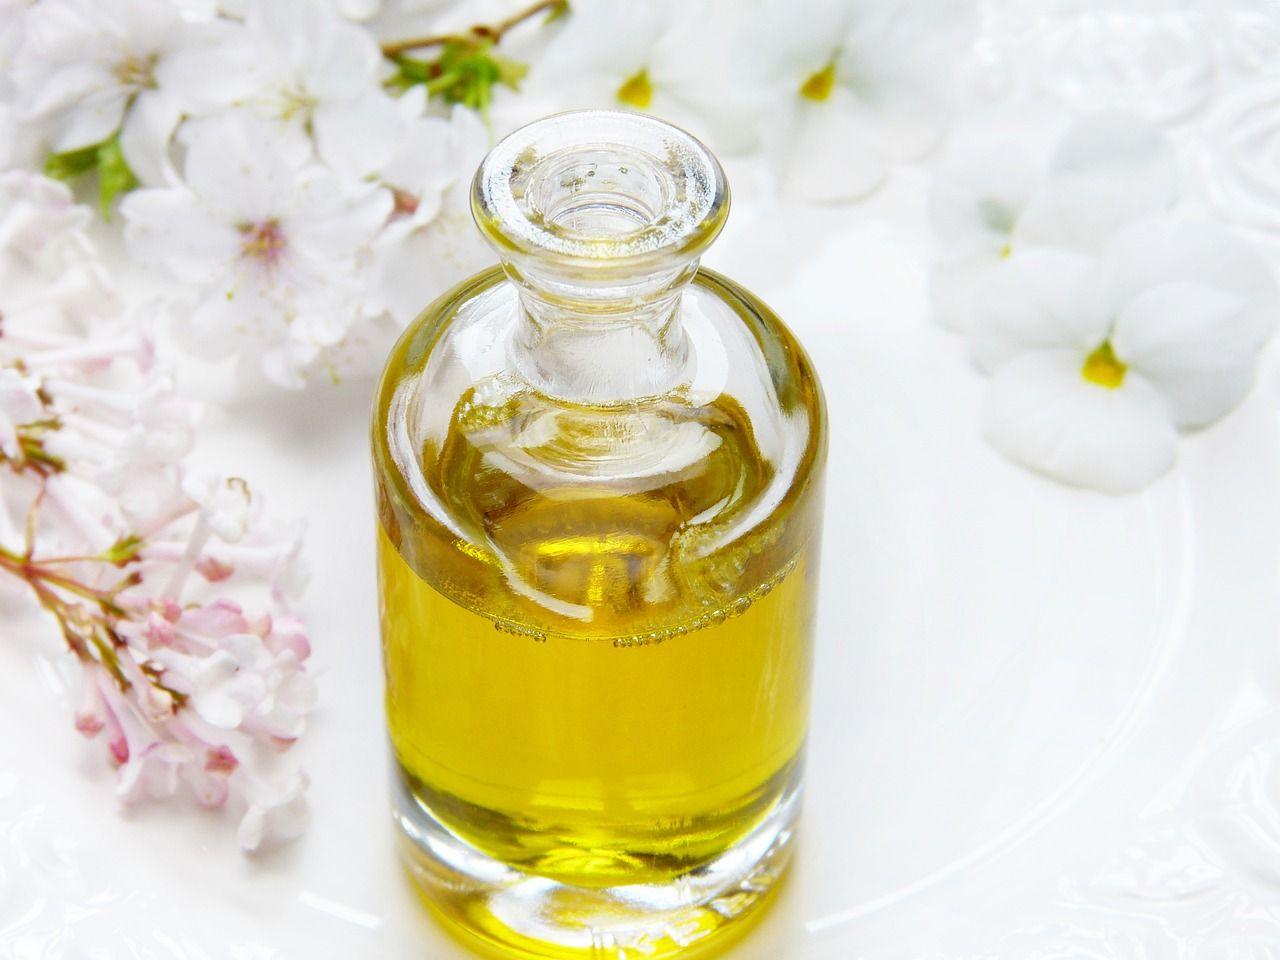 Olej lniany i jego właściwości zdrowotne